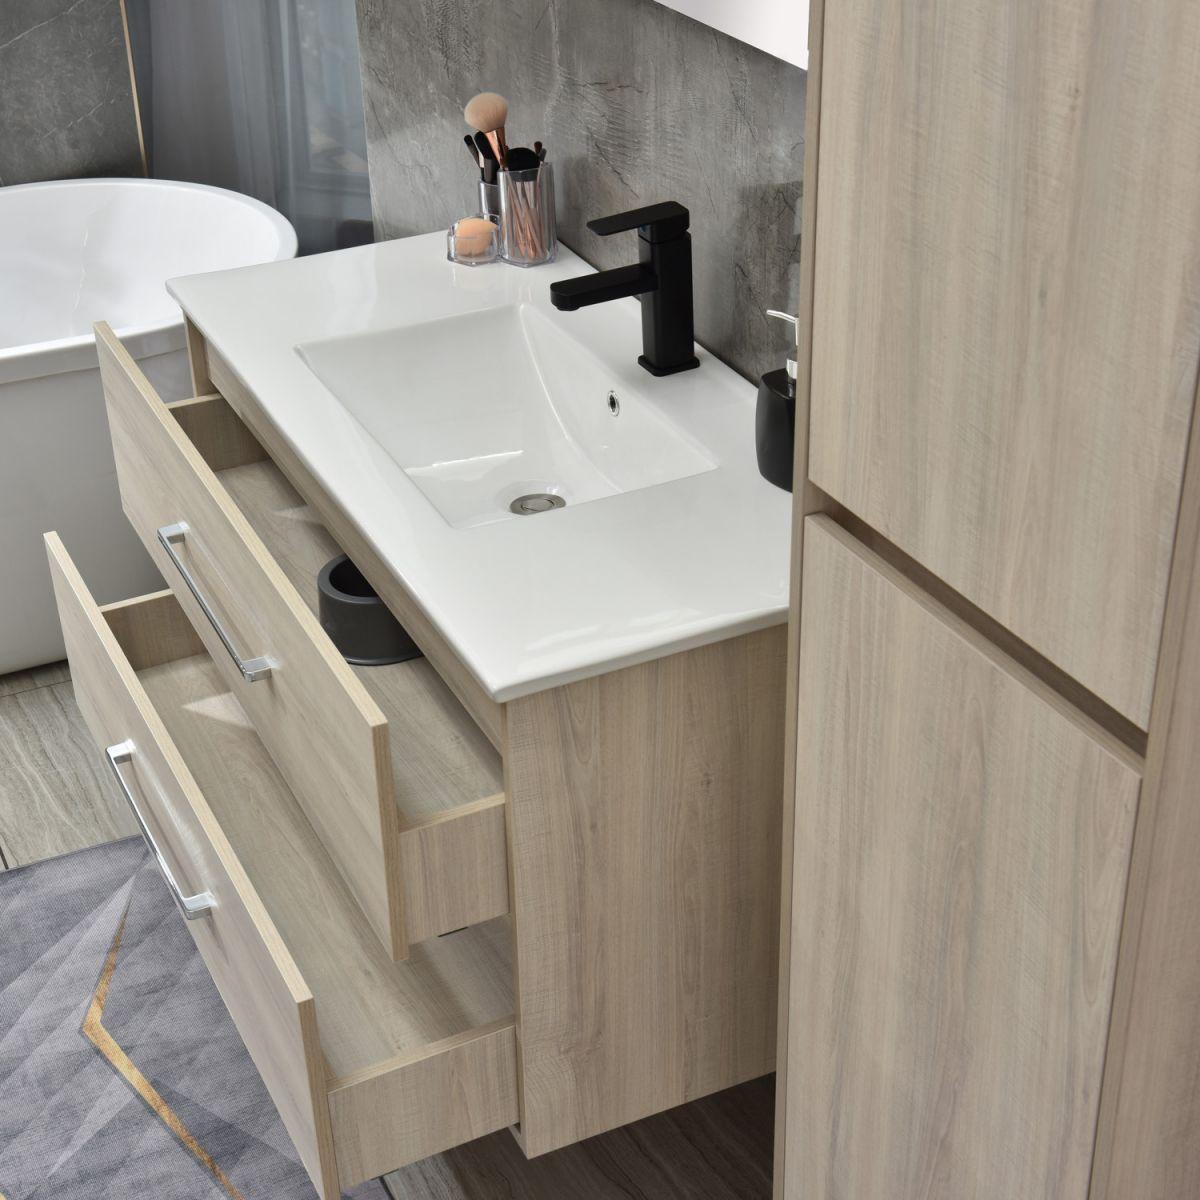 MF 1805 2 W 4 Mobile bagno Praga sospeso 60 cm bianco effetto legno con lavabo e specchio